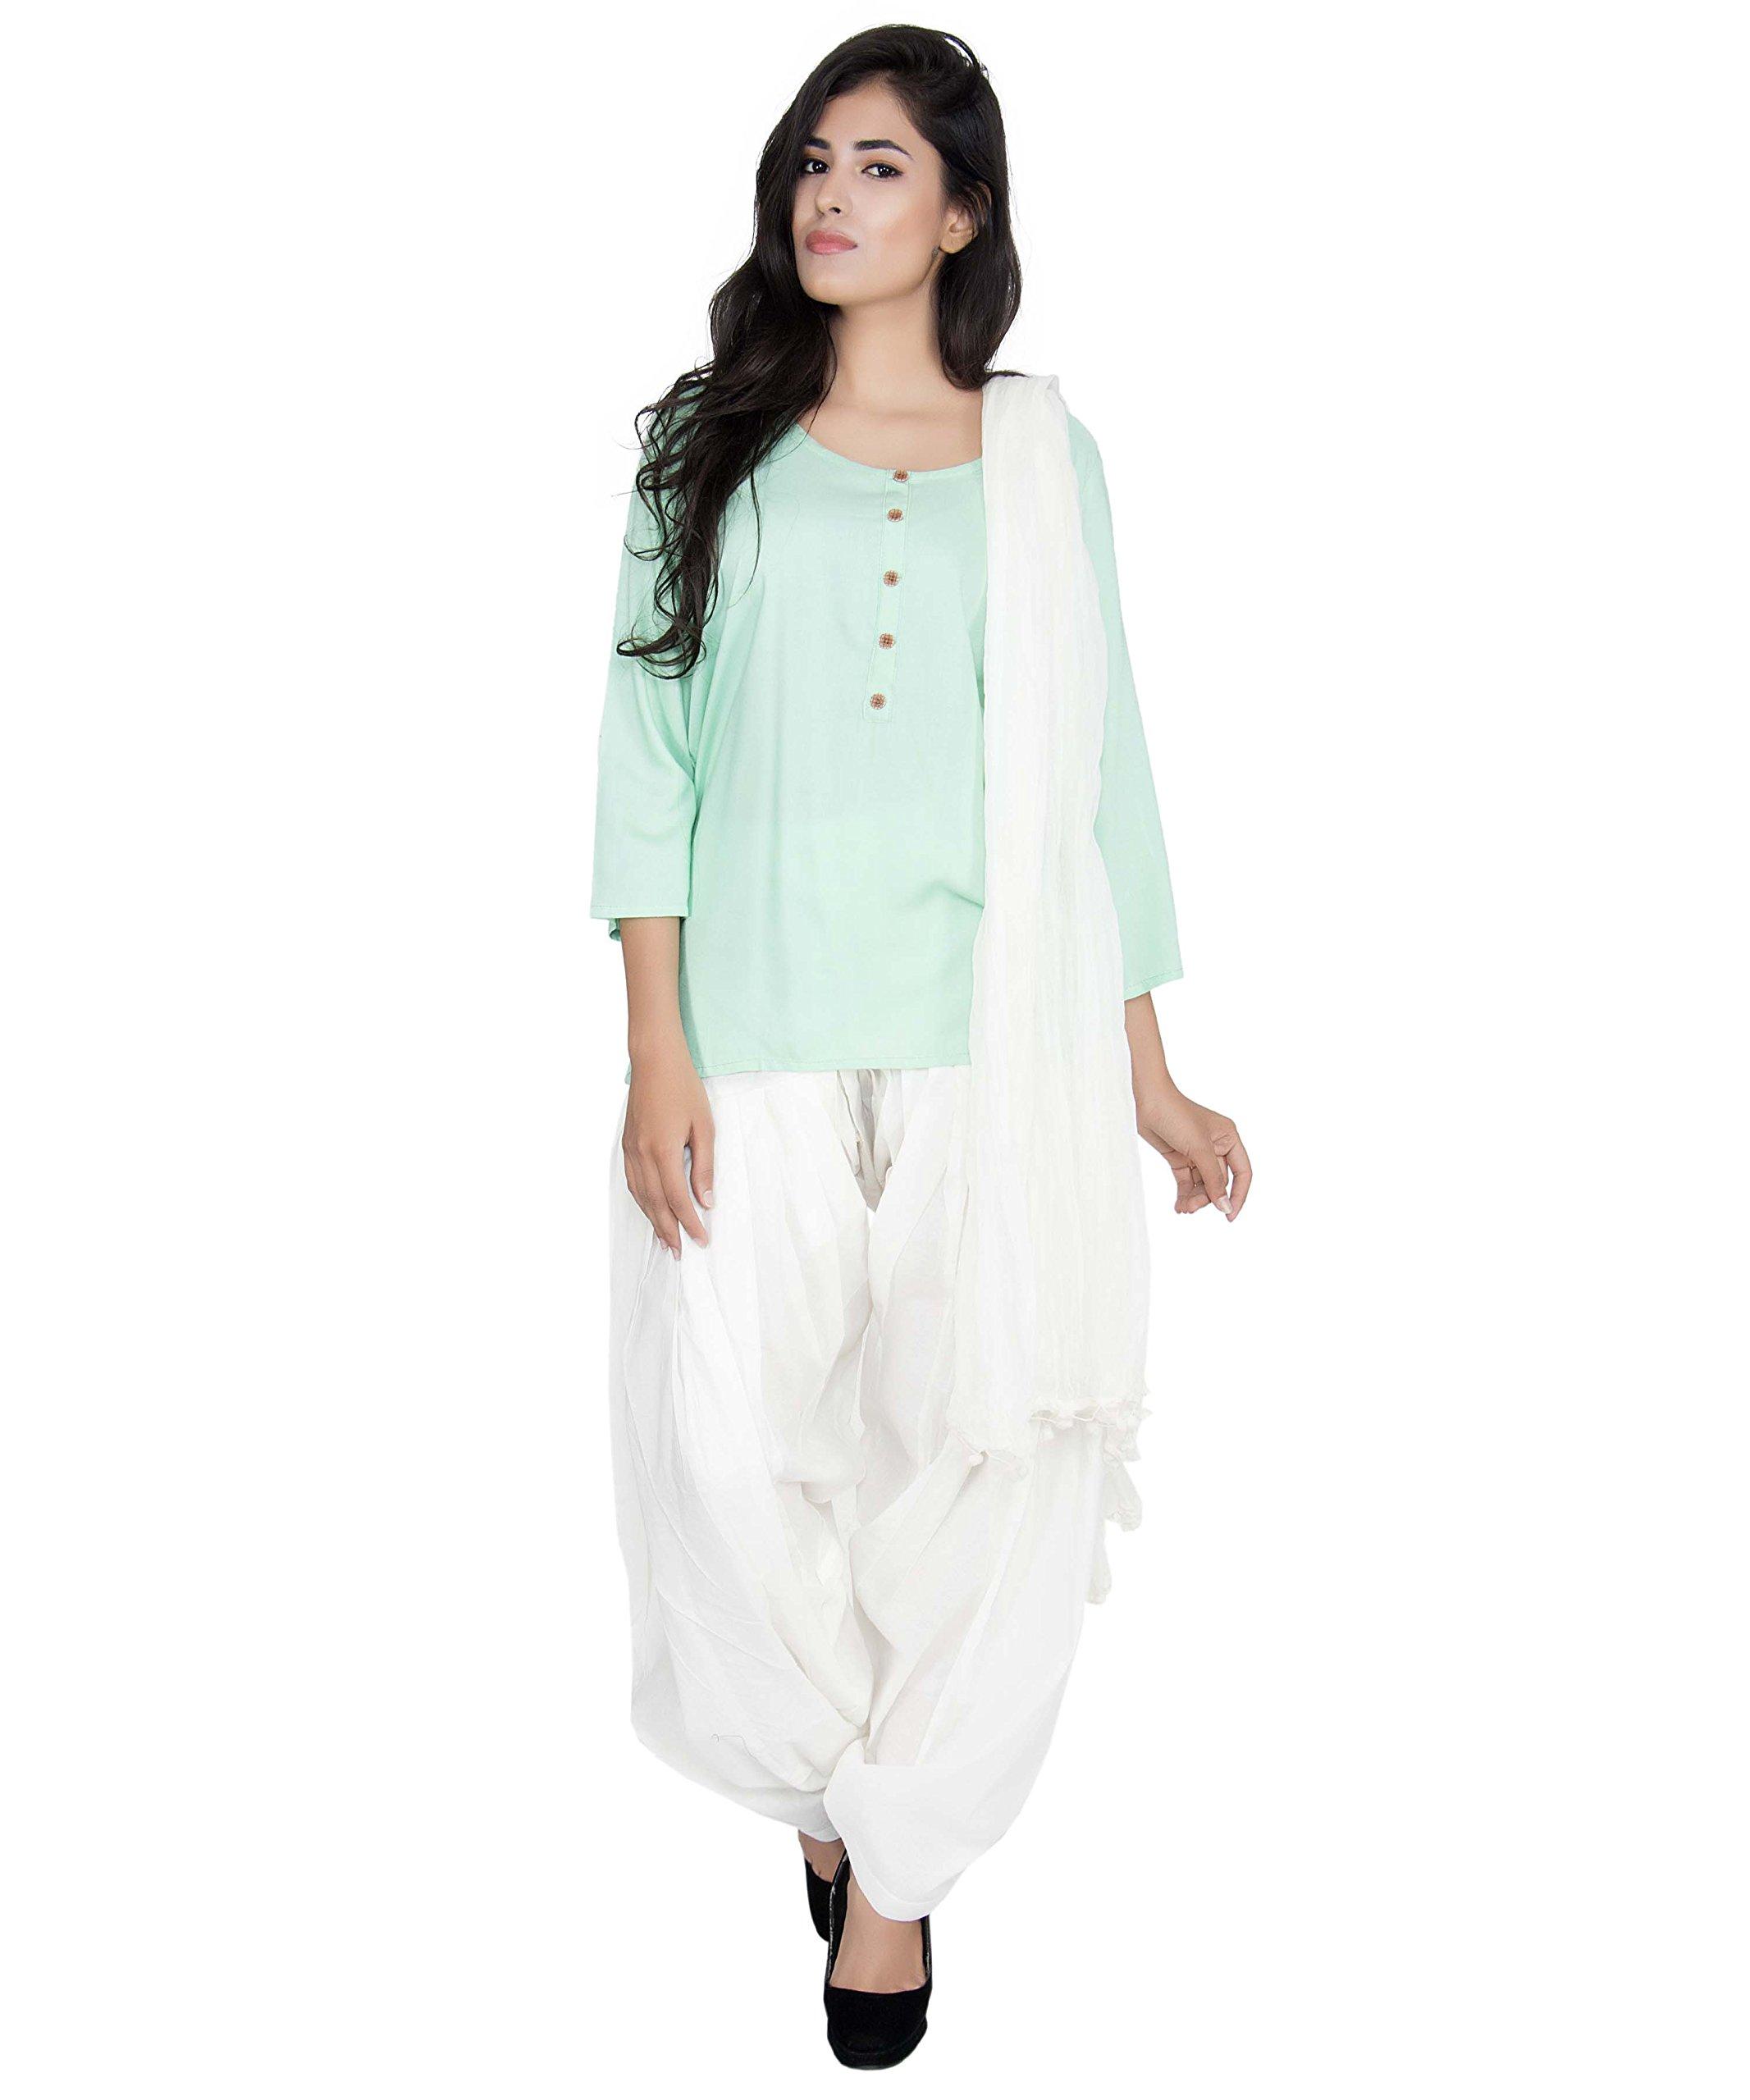 12ebd8af42 Get Quotations · Arva Women Patiala Salwar + Scarf | Patiyala | Off-White |  Yoga Dhoti Pants